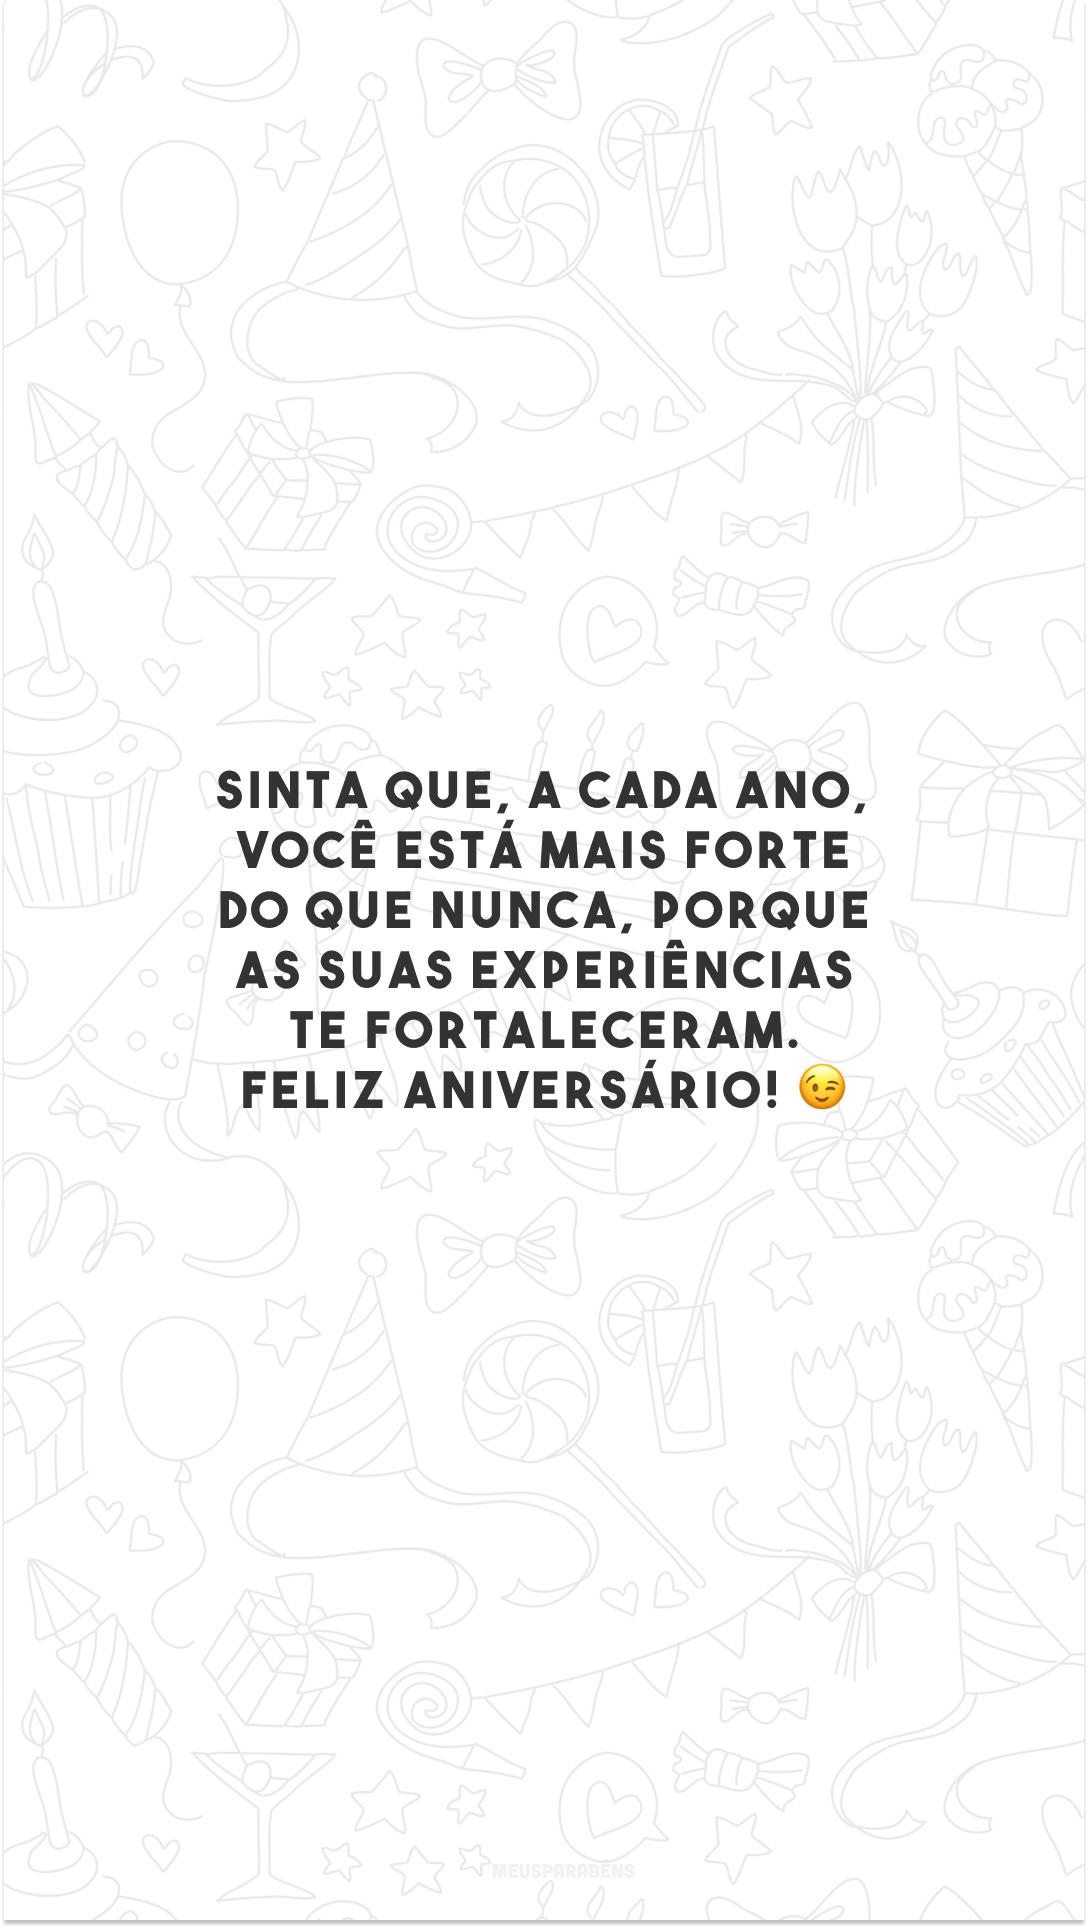 Sinta que, a cada ano, você está mais forte do que nunca, porque as suas experiências te fortaleceram. Feliz aniversário! 😉